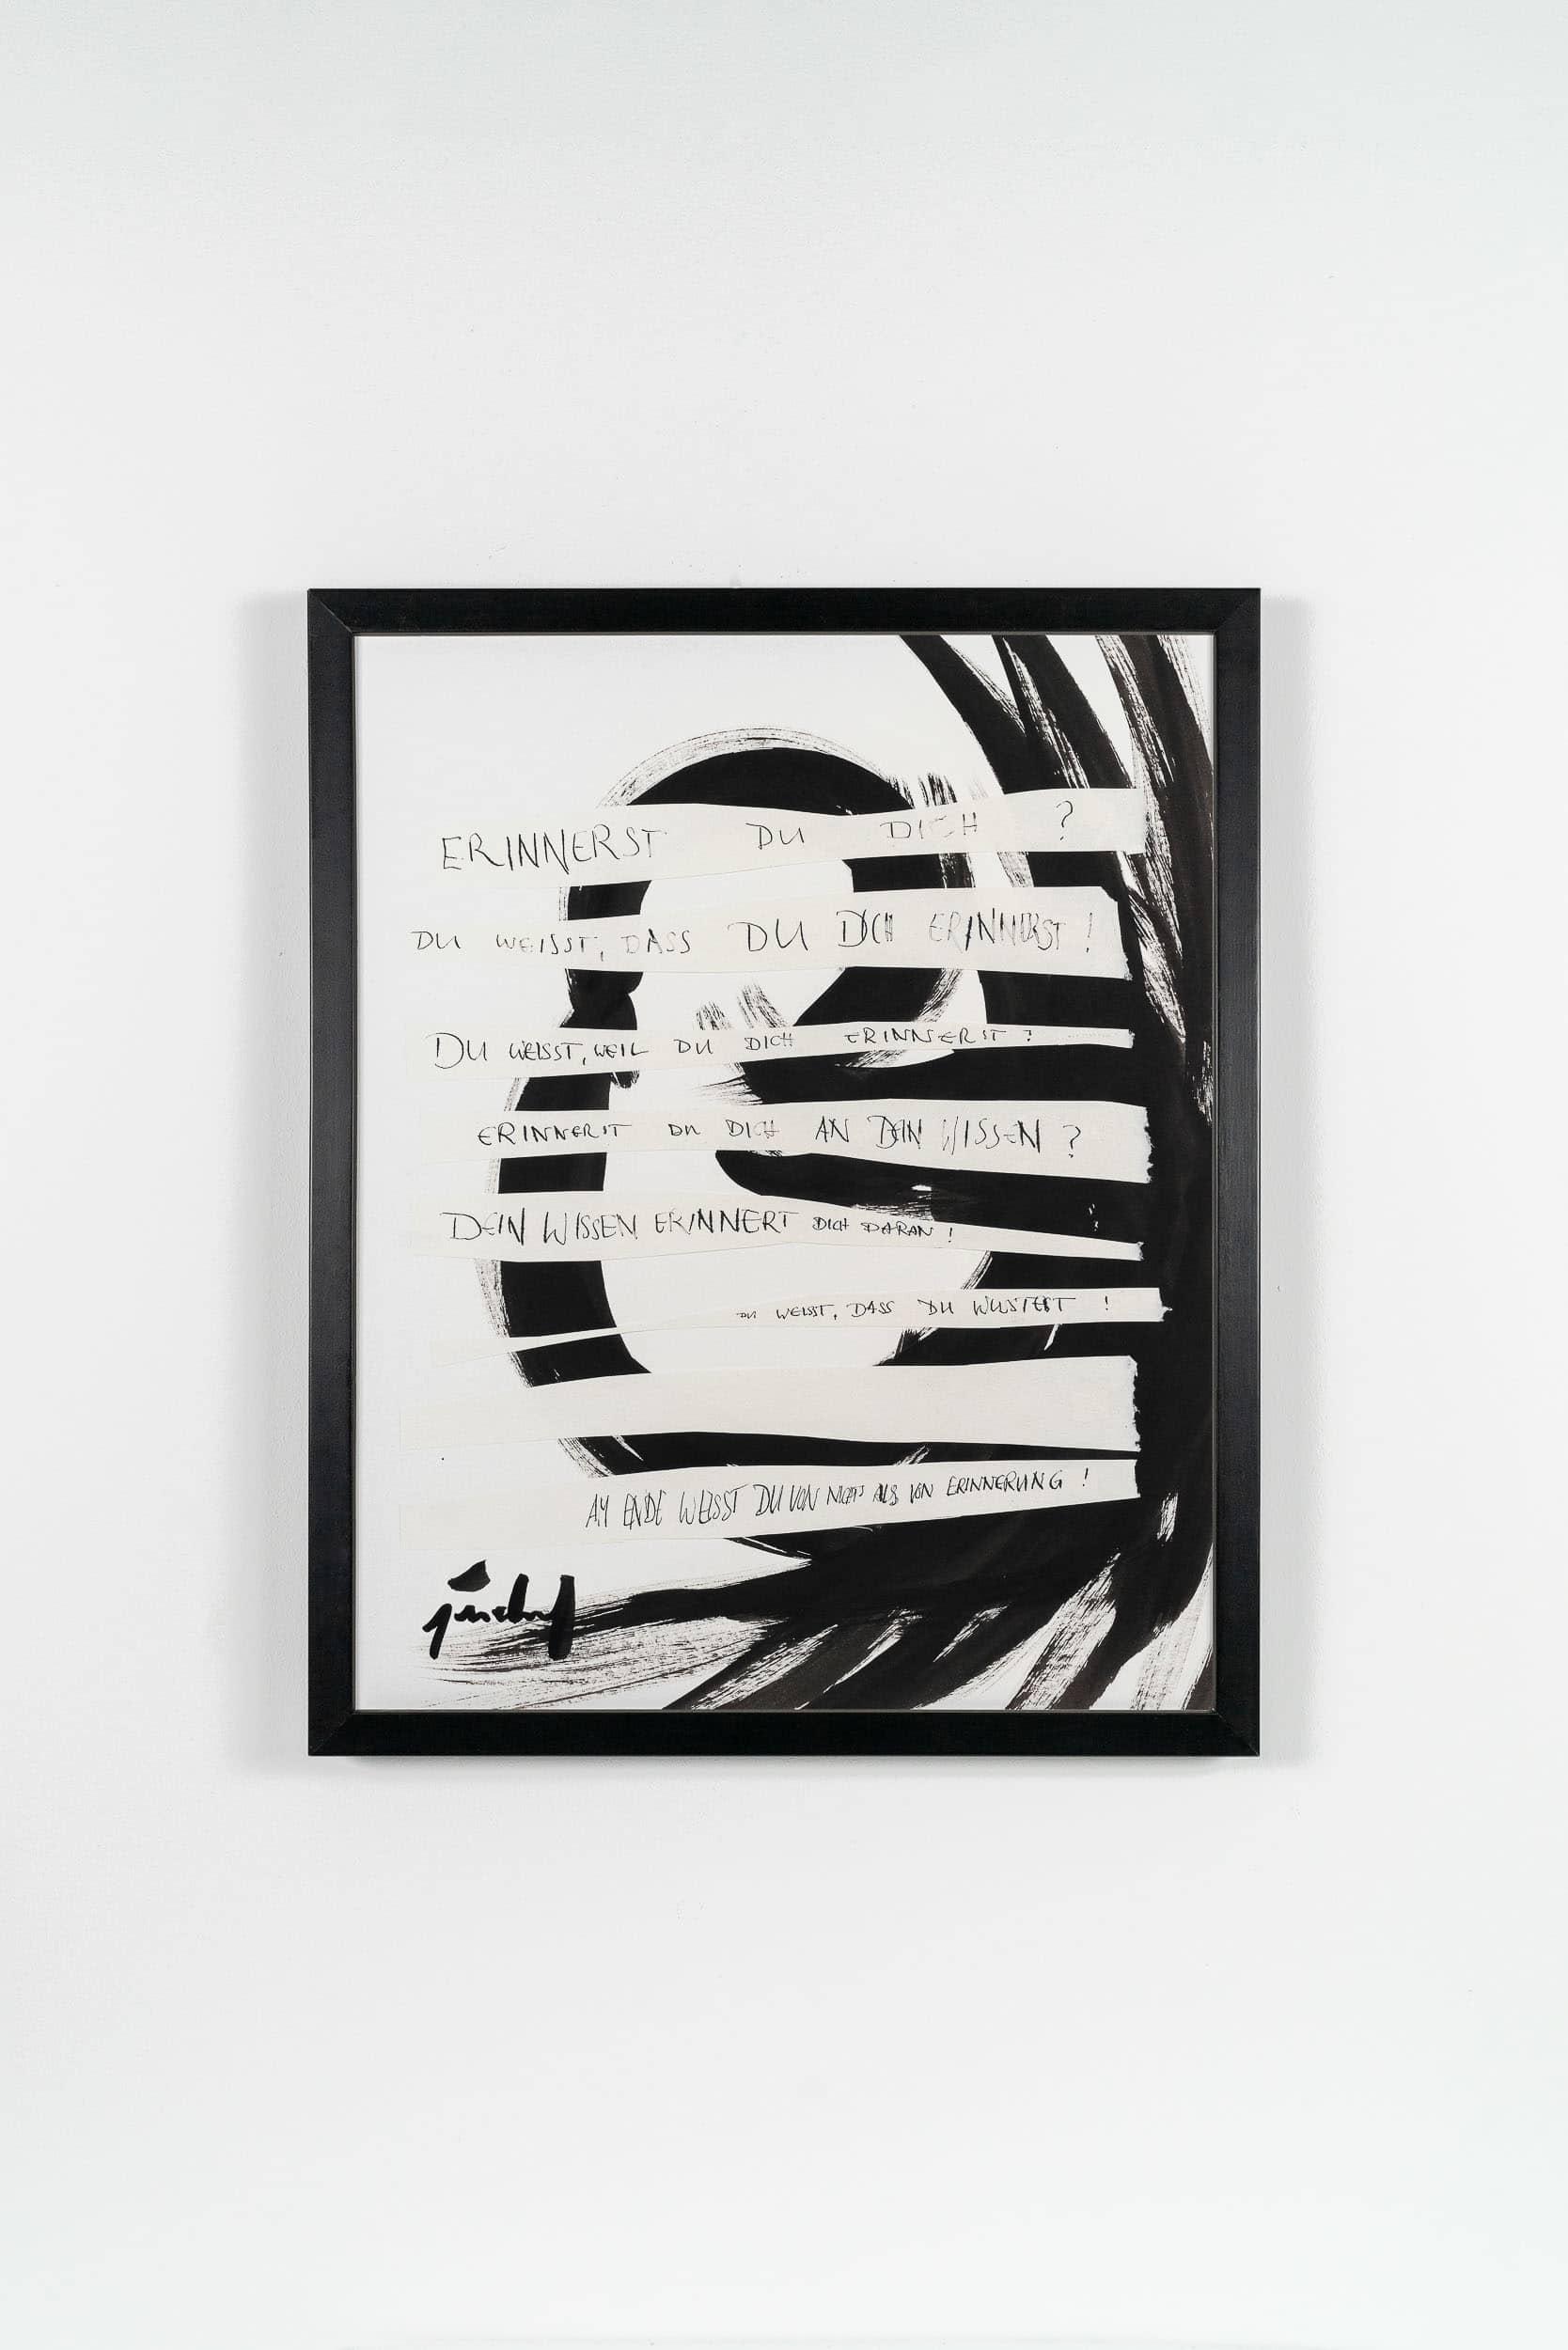 SiL04 Erinnerung 40 × 50 cm Tusche / Papier / Scherenschnitt / Text 2013 2 Wiederholung